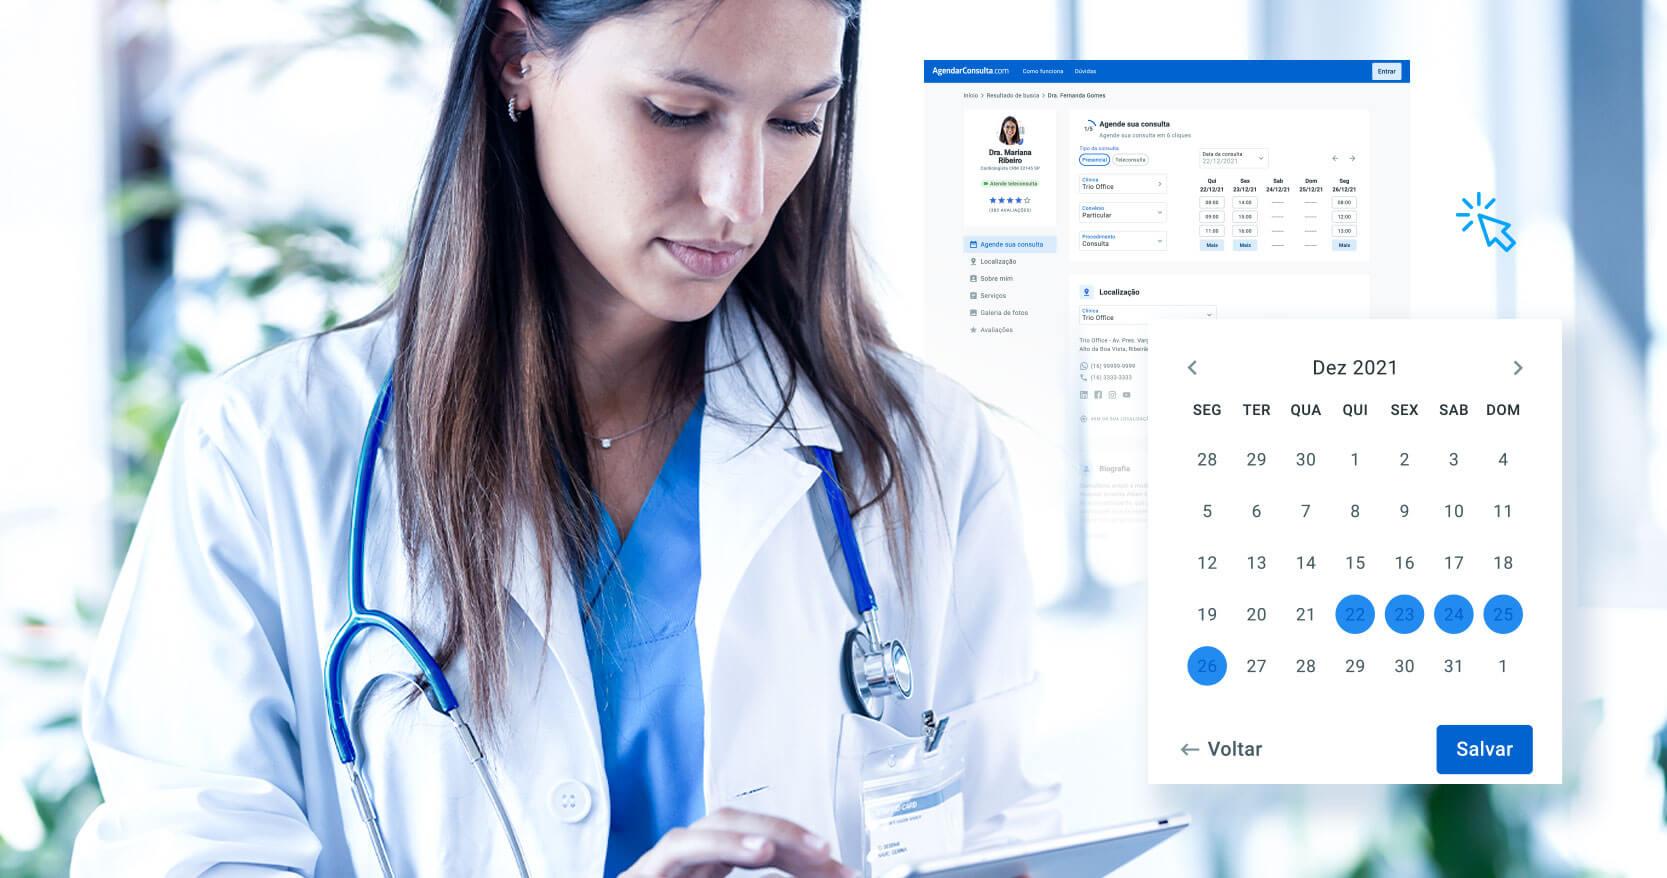 Aumente em até 80% a conversão do agendamento online com seu site médico